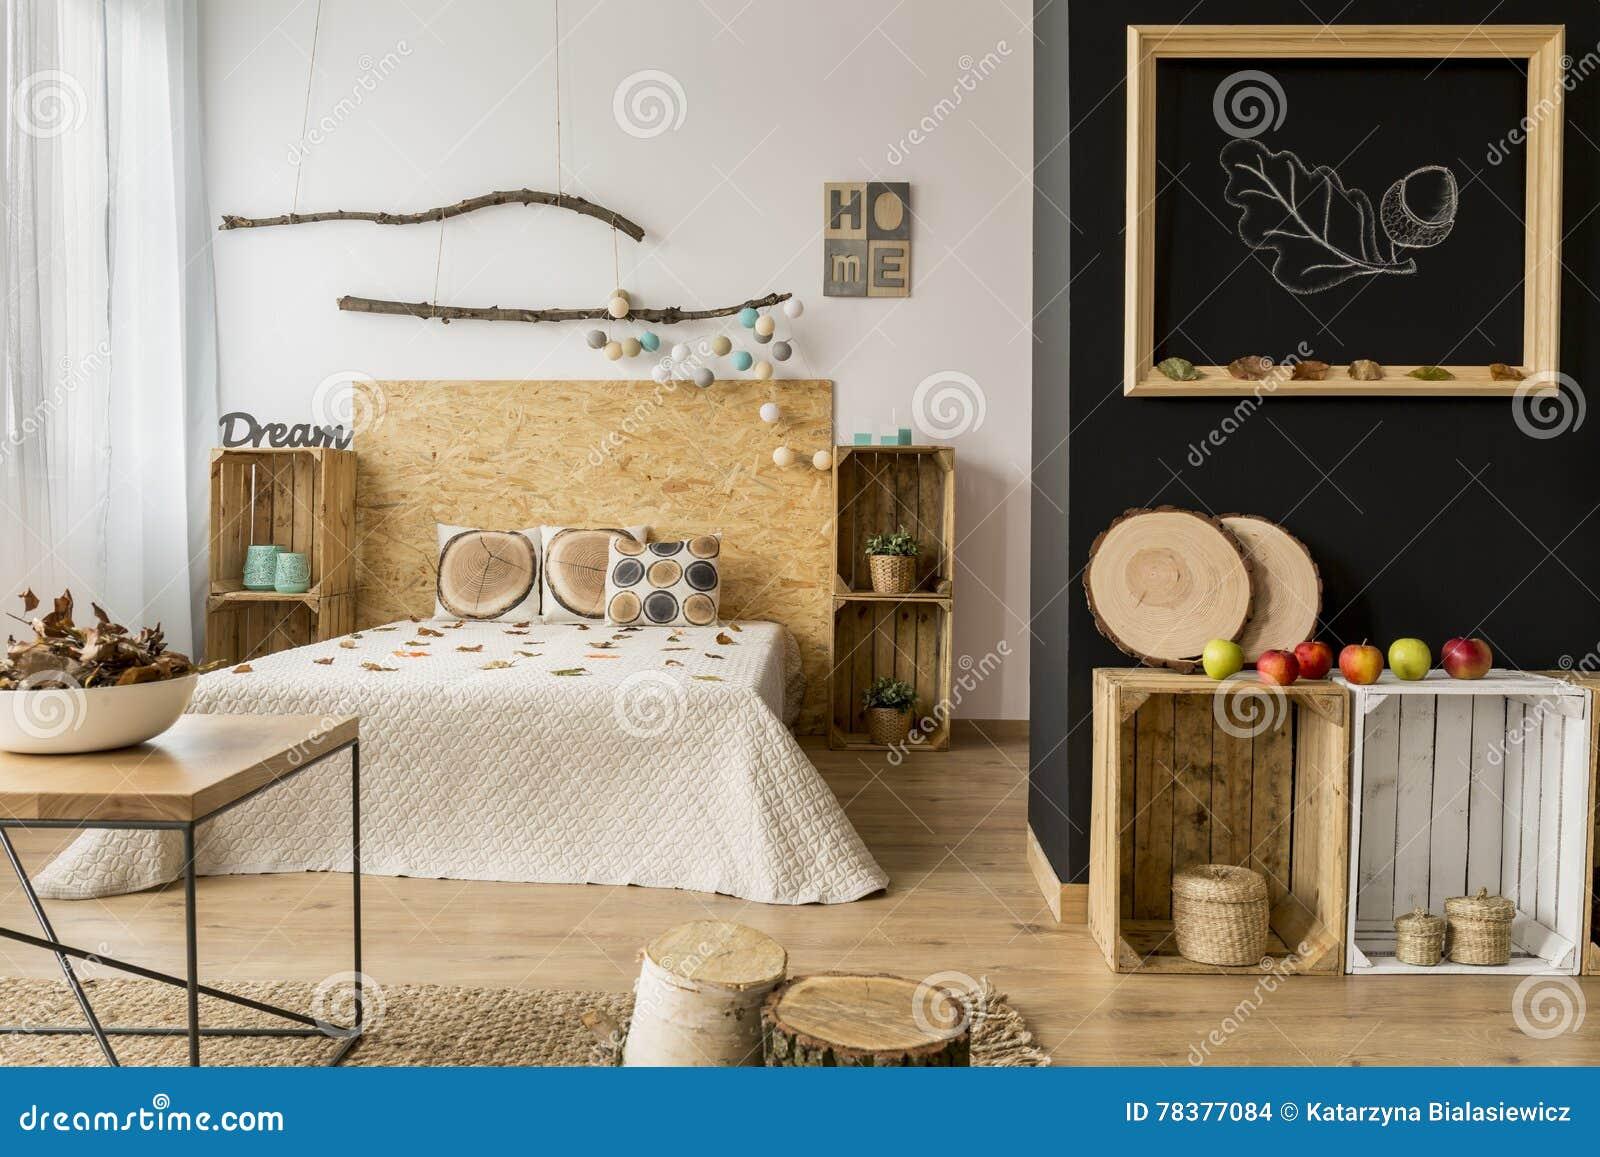 Machen Sie Ihr Haus Schön Für Fall! Stockfoto - Bild von kopfende ...